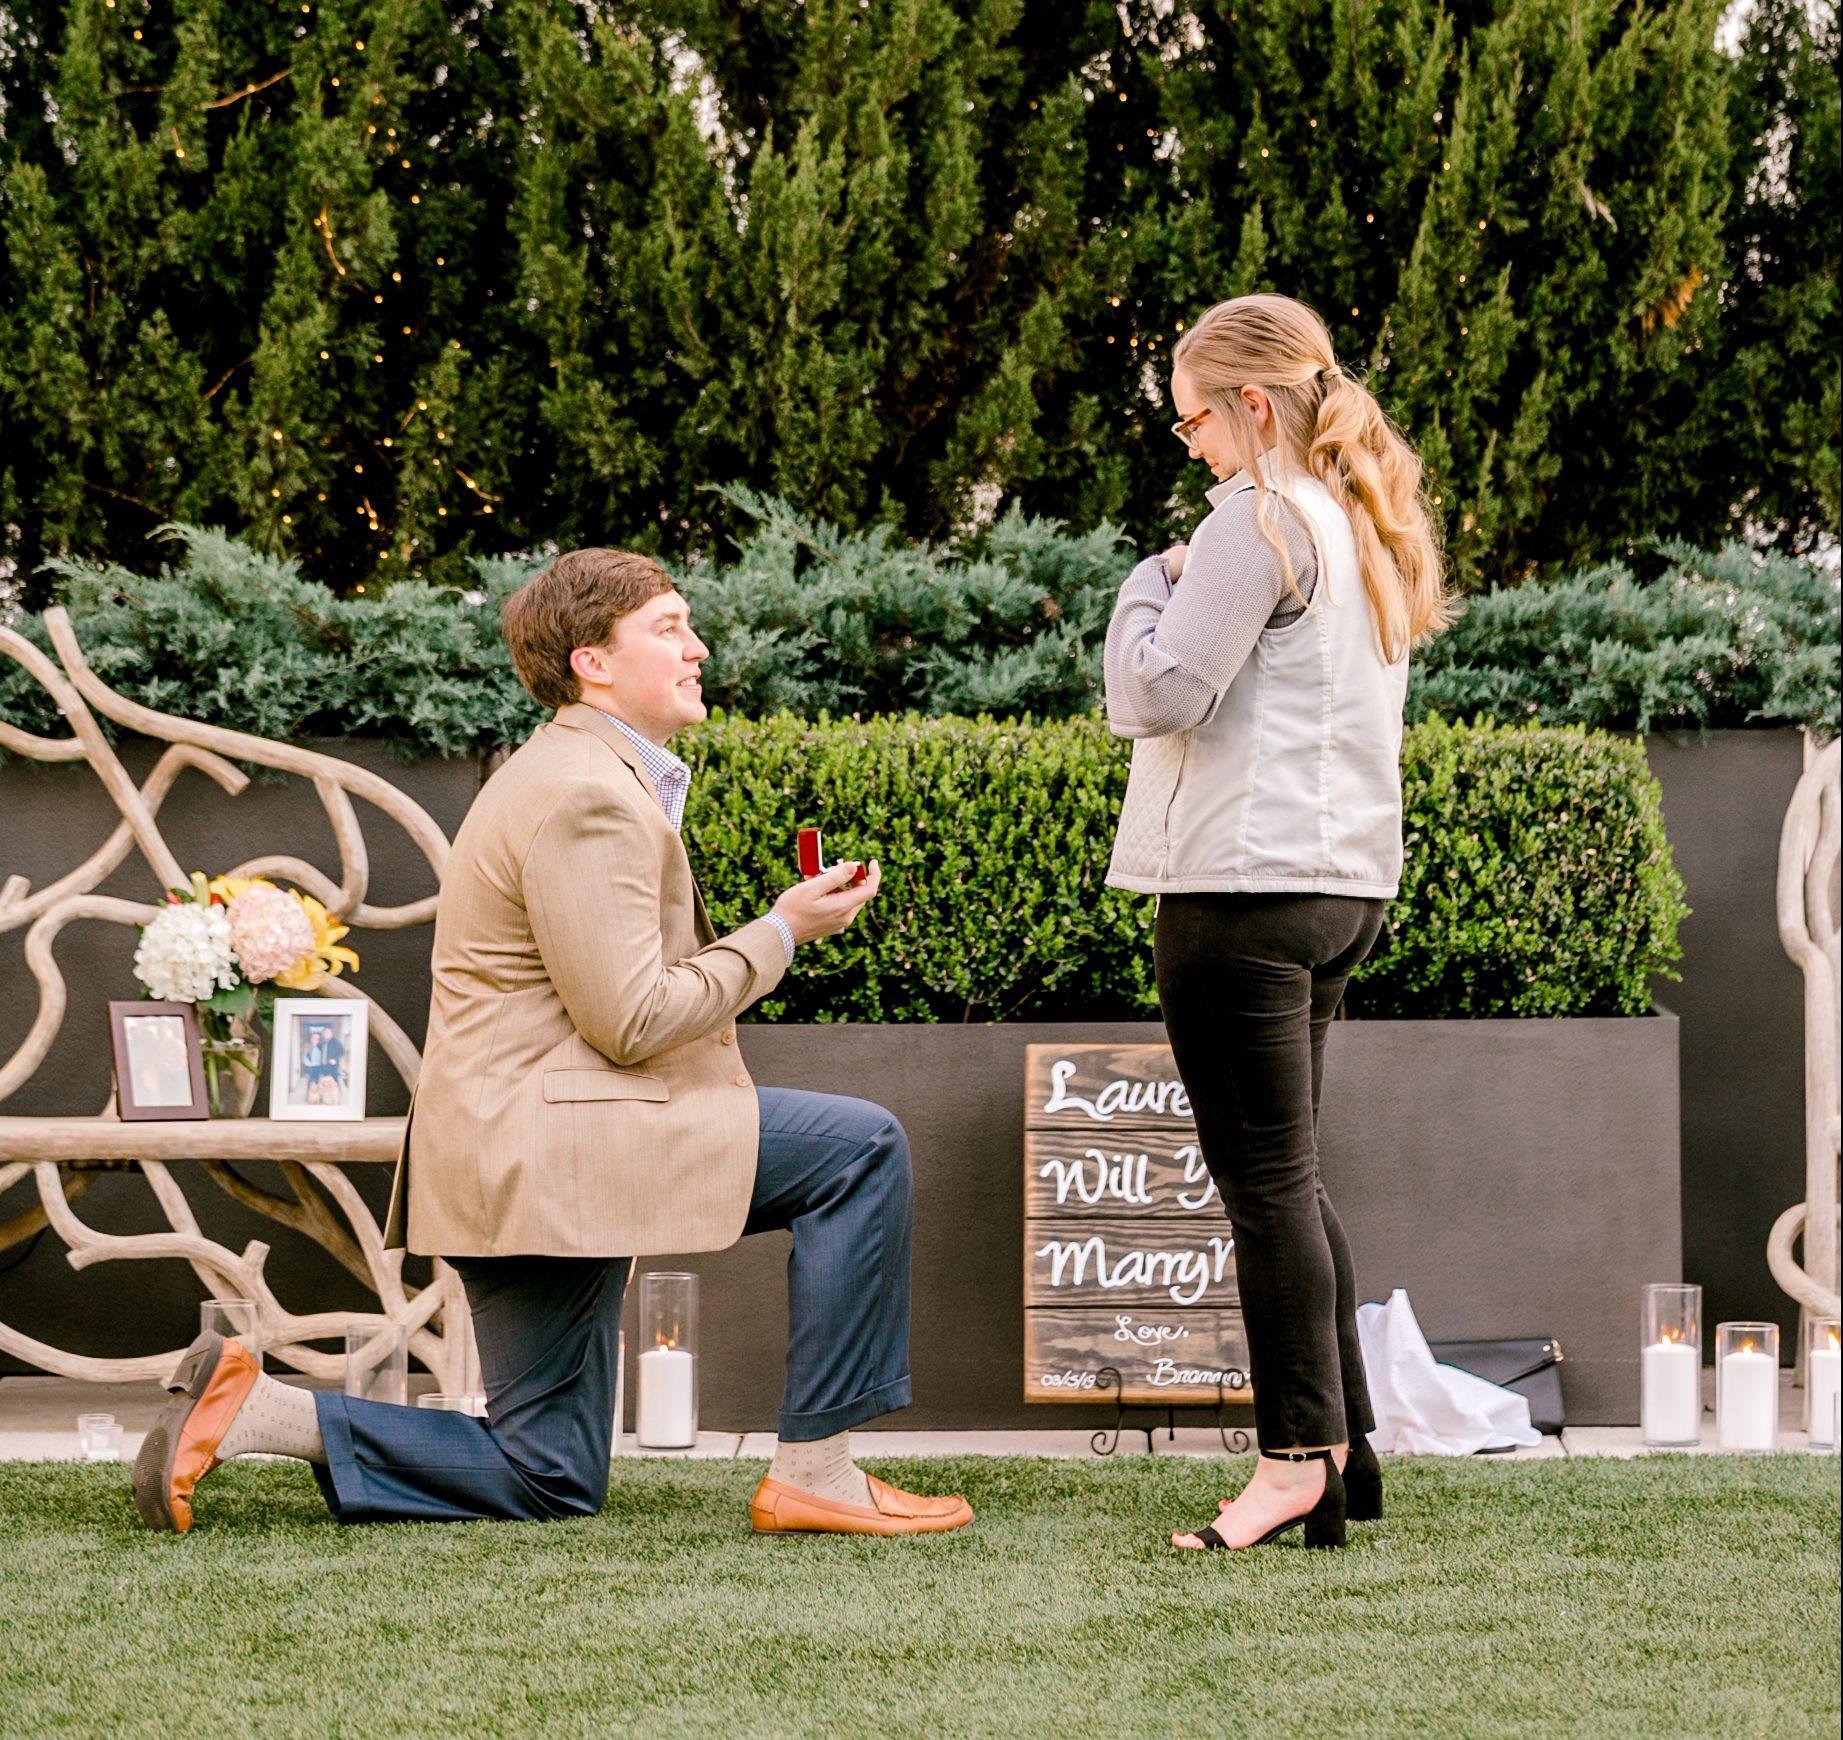 Wedding Proposal Ideas in Avenue Greenville, SC